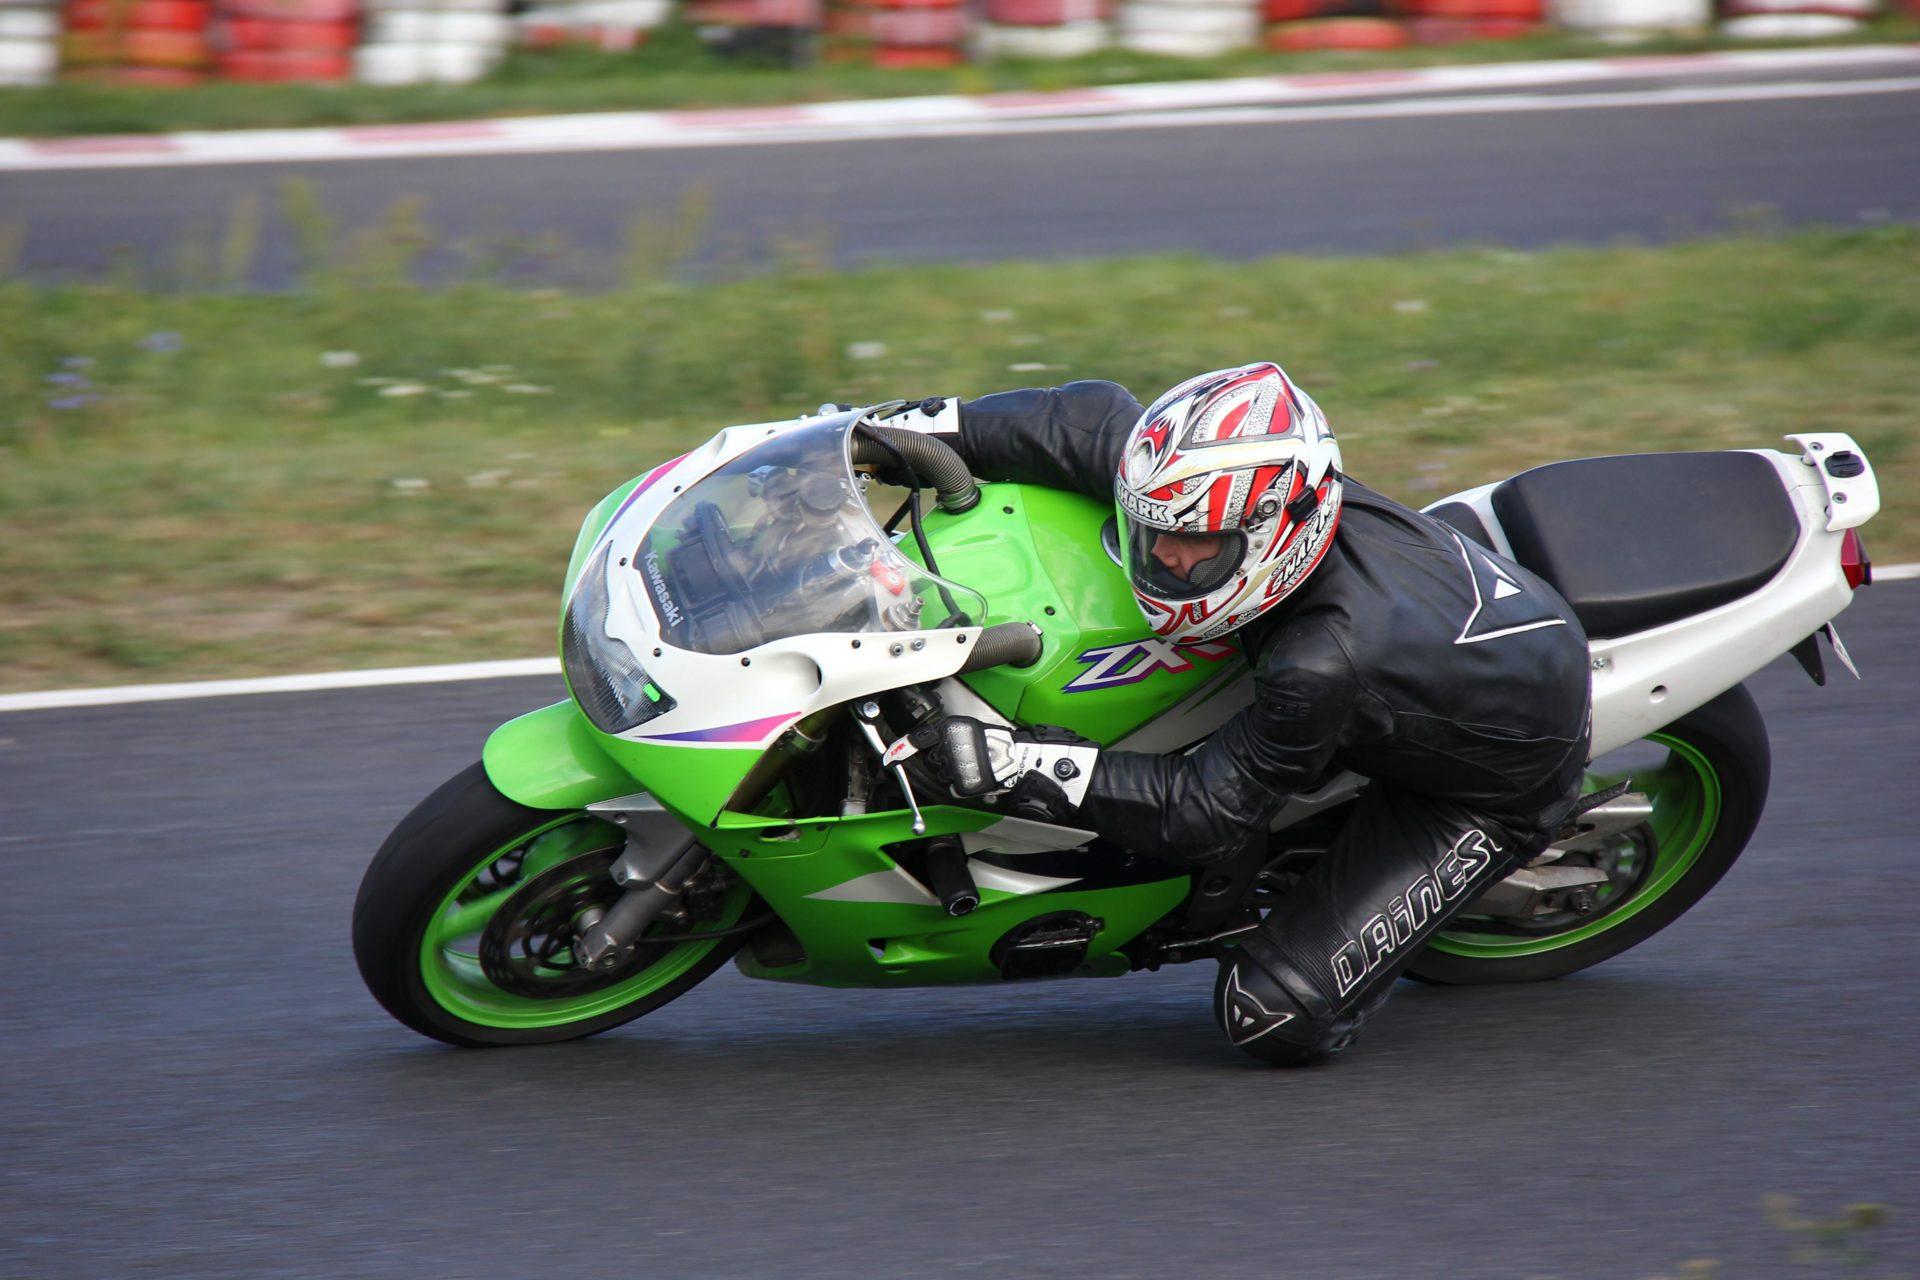 Kawsaki ZXR 400, motocykl używany